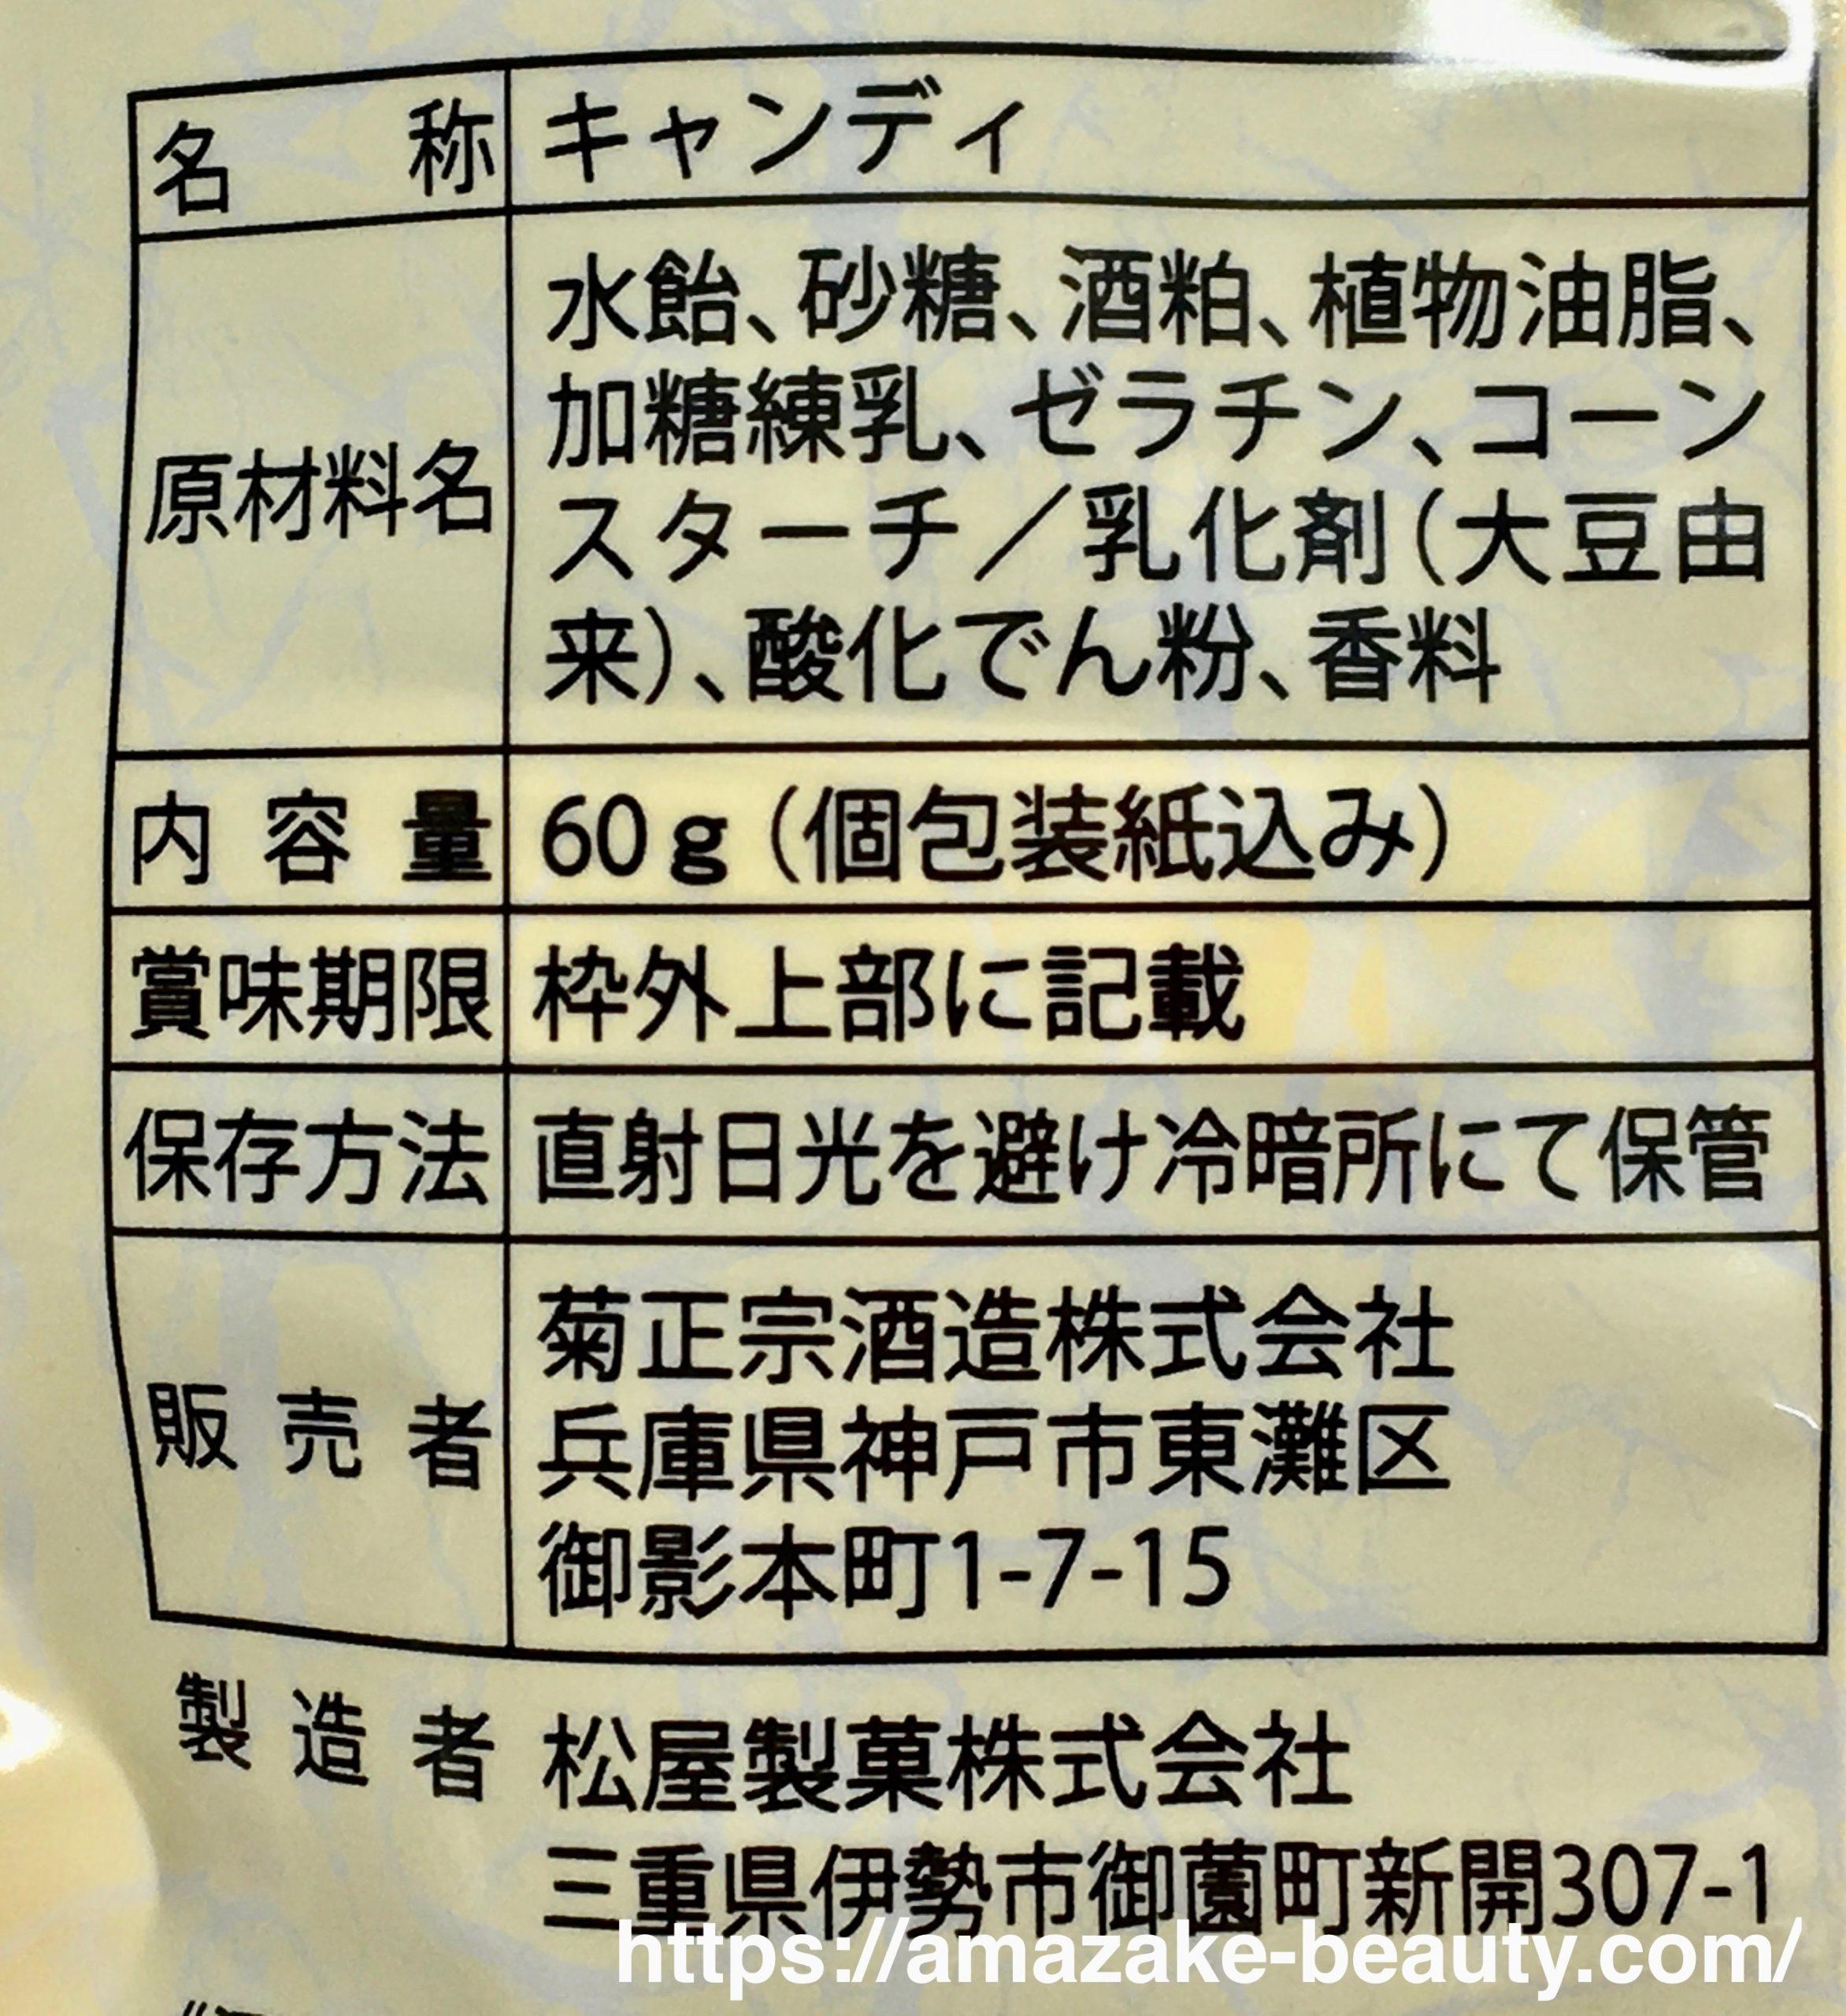 【甘酒甘味】菊正宗『ソフト酒粕飴』(商品情報)